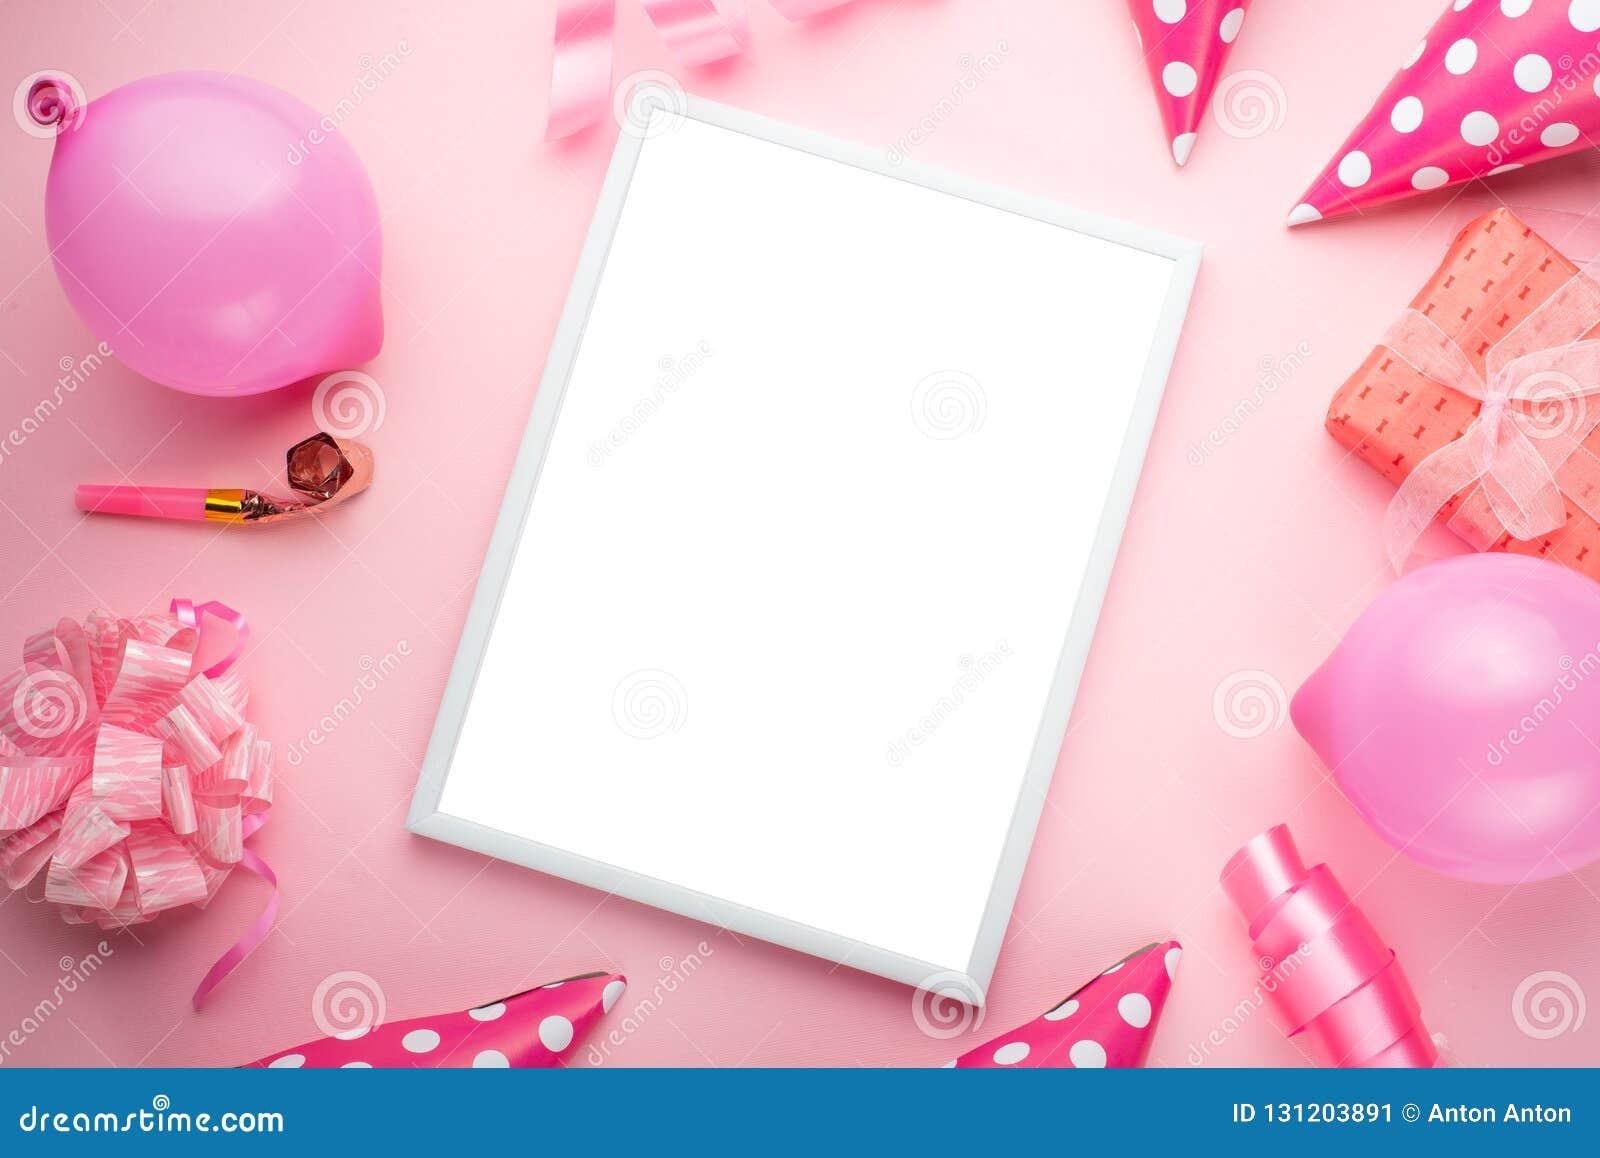 Toebehoren voor meisjes op een roze achtergrond Uitnodiging, verjaardag, meisjesjarenpartij, het concept van de babydouche, vieri